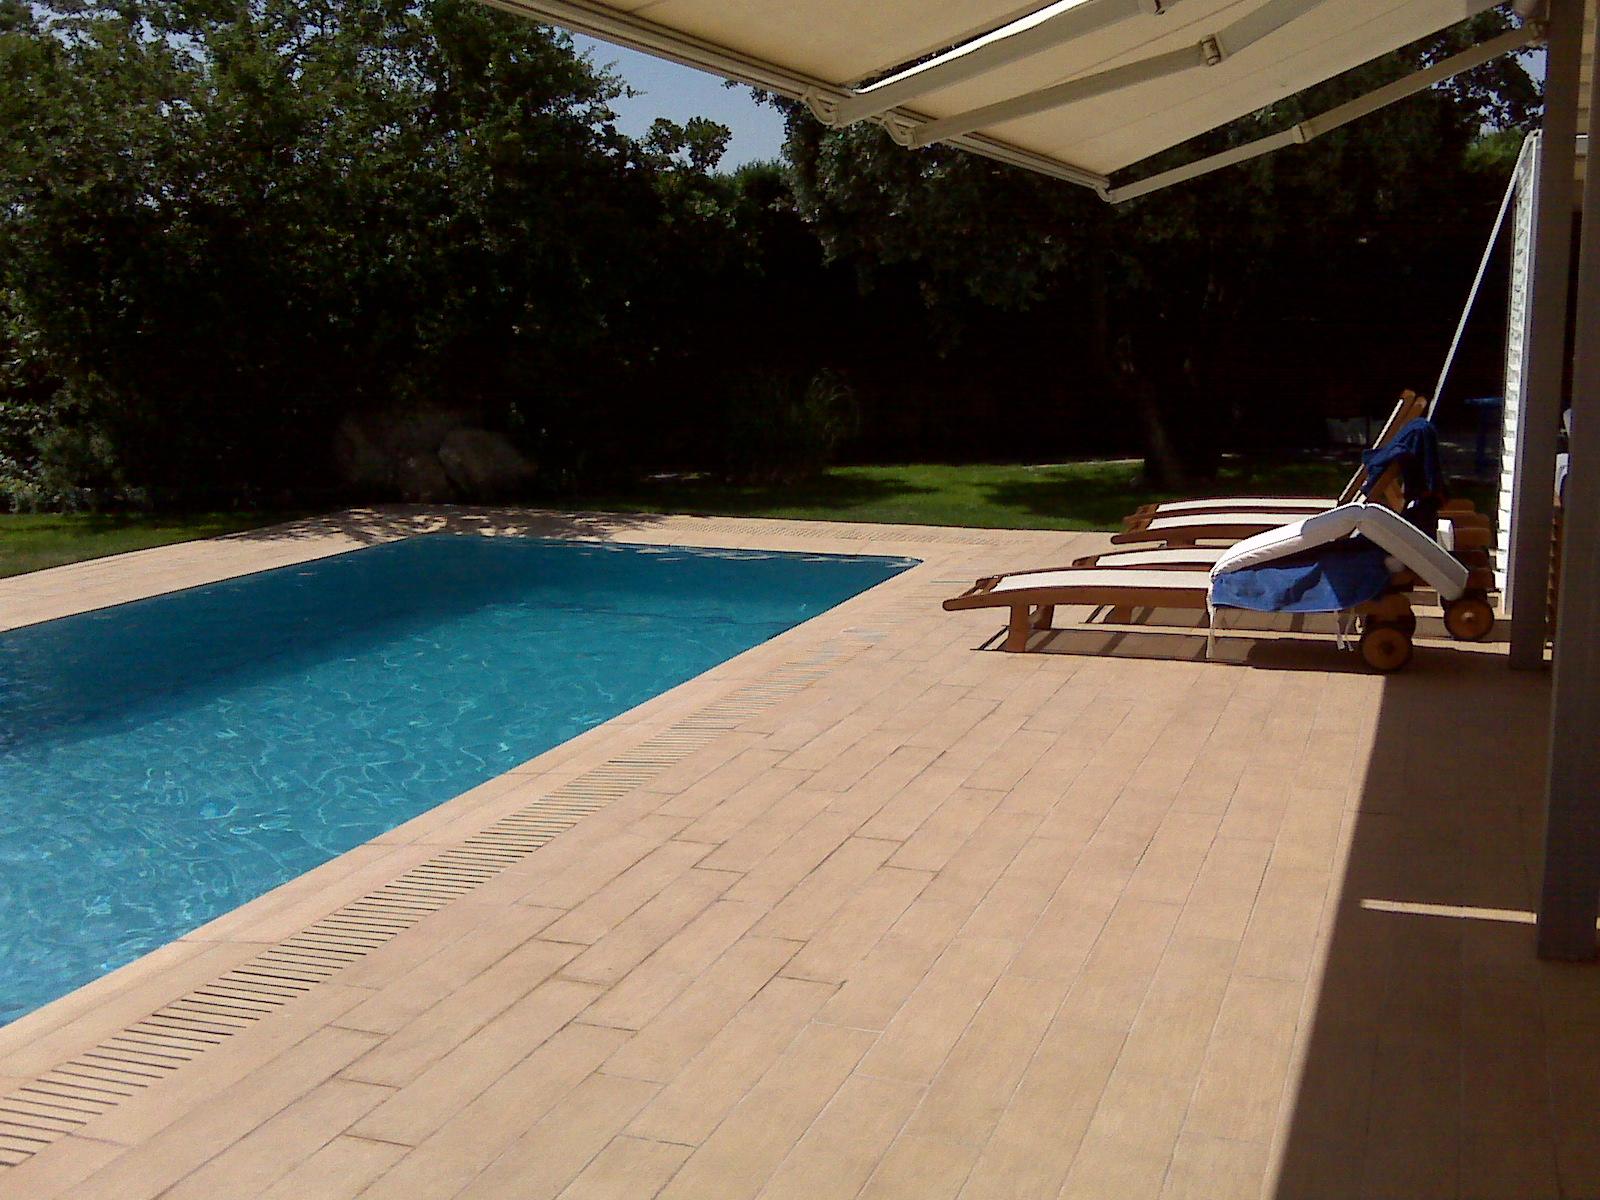 Rosa gres el sistema desbordante para piscina privada en for Gres de breda para piscinas